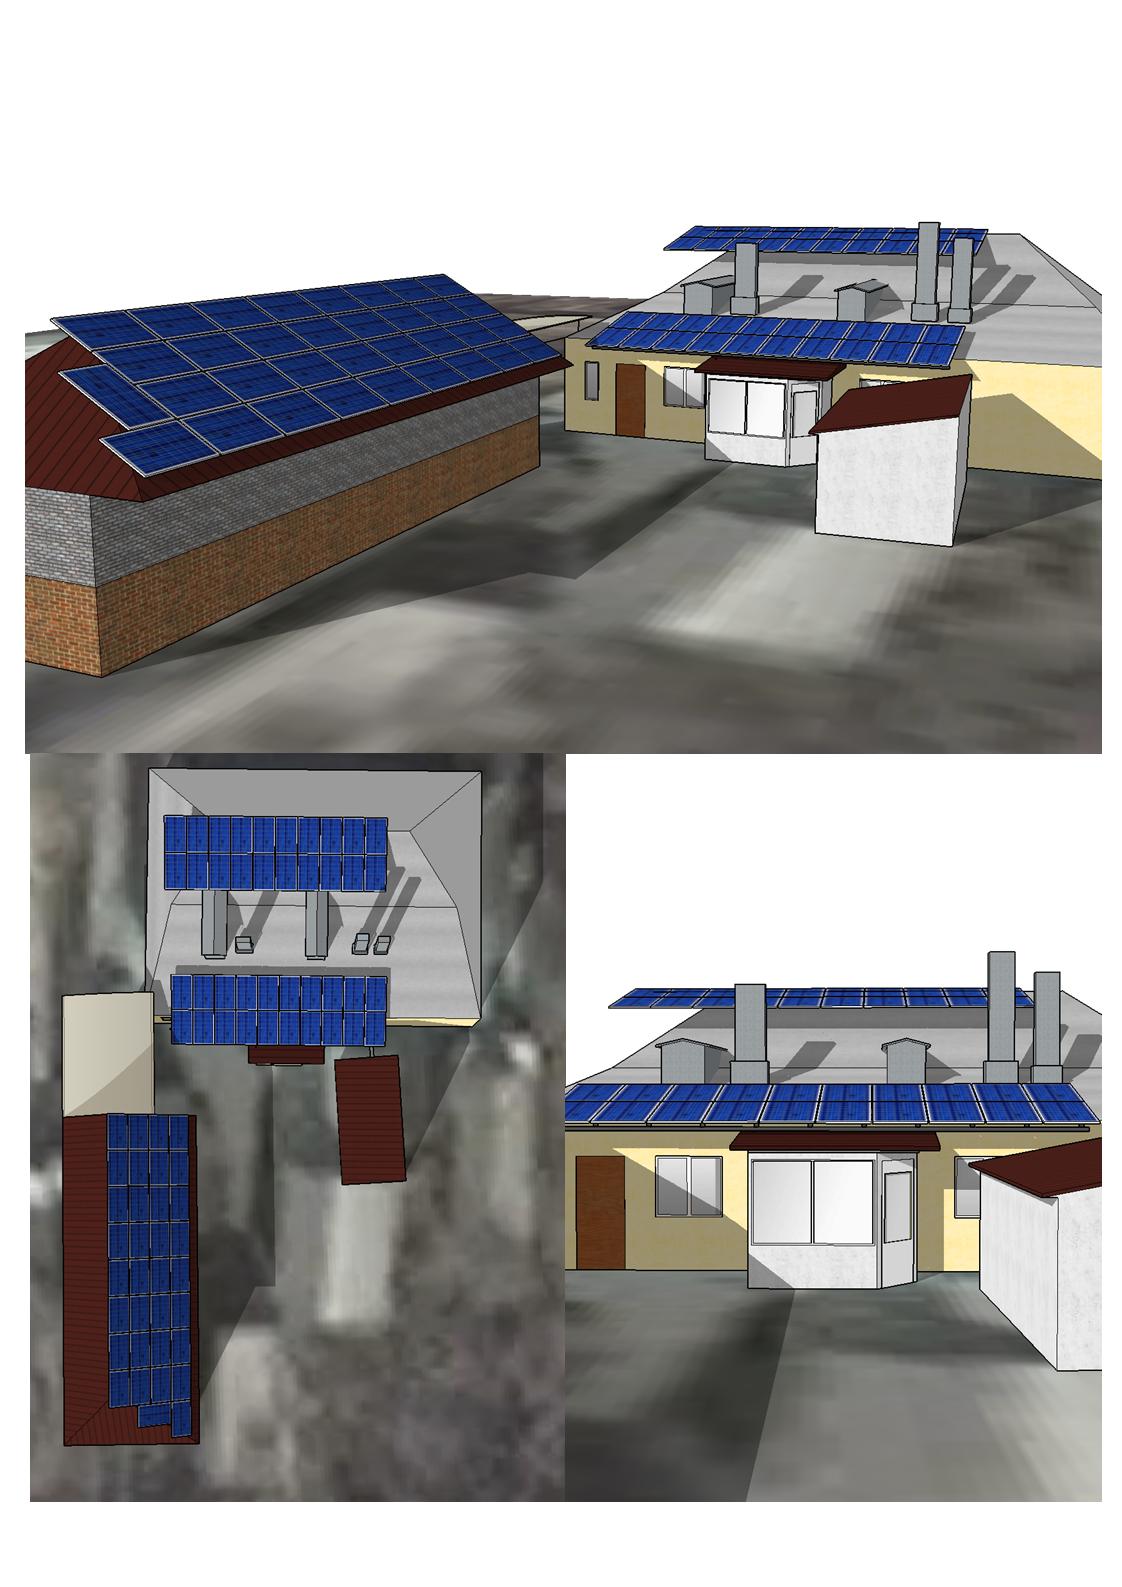 Сетевая солнечная станция 20 кВт в г. Харьков для работы по Зеленому тарифу. Проектирование.